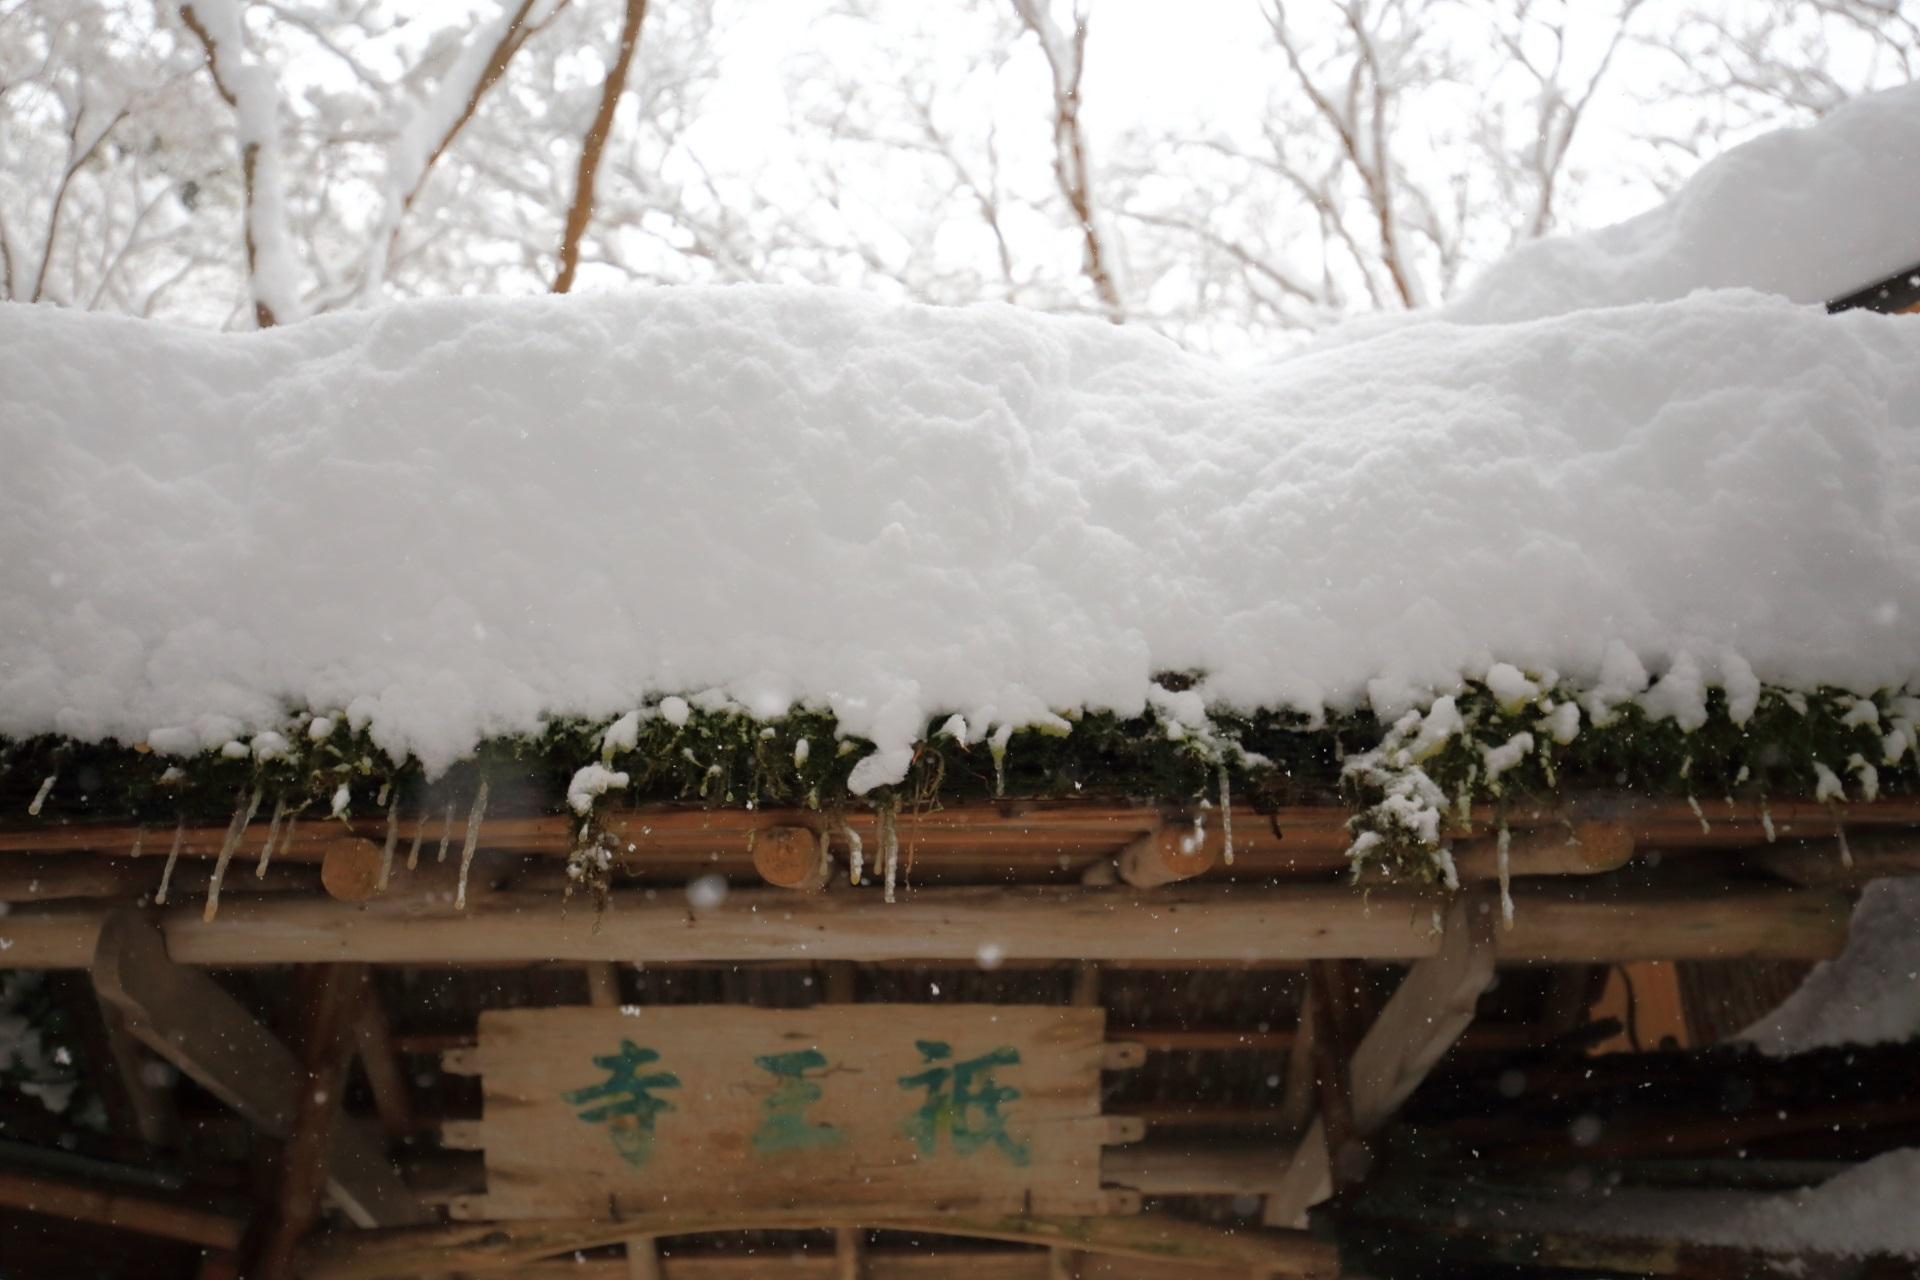 祇王寺の入口の雪景色